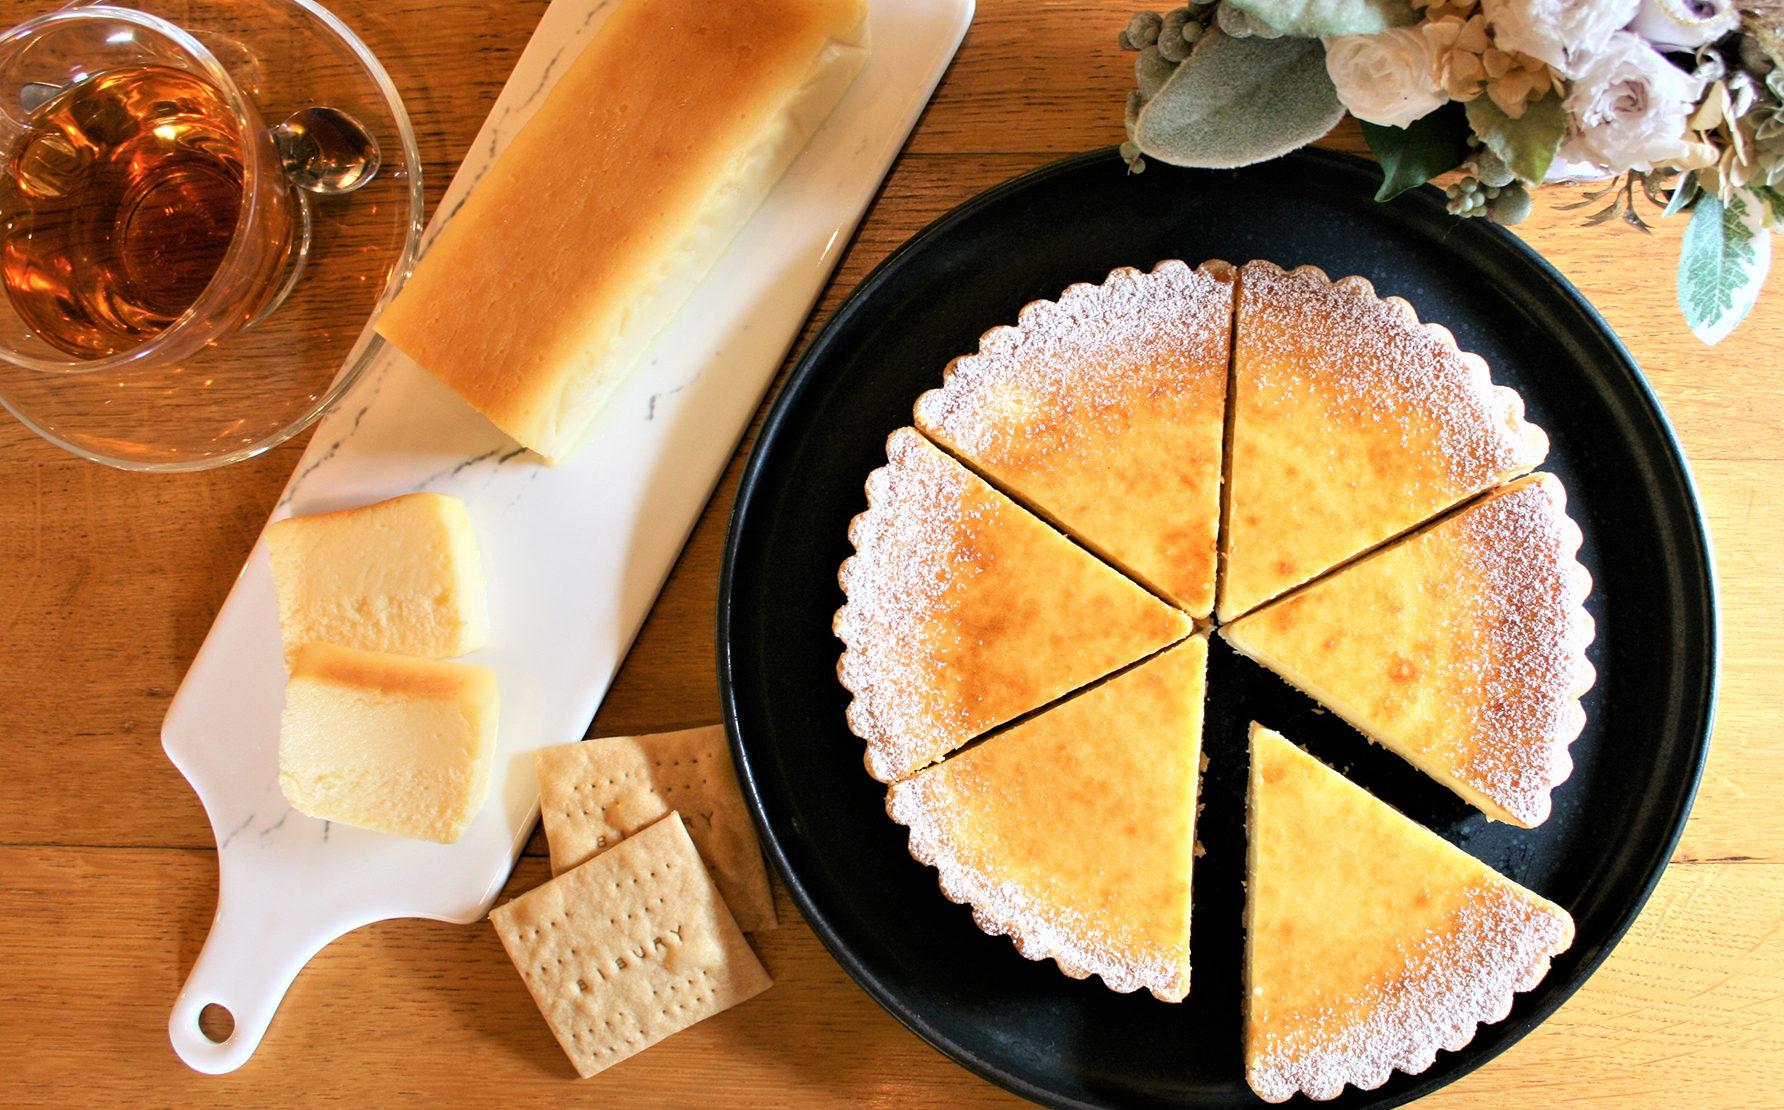 さわやかな酸味と上品な甘さが魅力といわれ、その旨味をビブリ独自の製法で閉じ込めじっくり焼き上げたチーズケーキです。